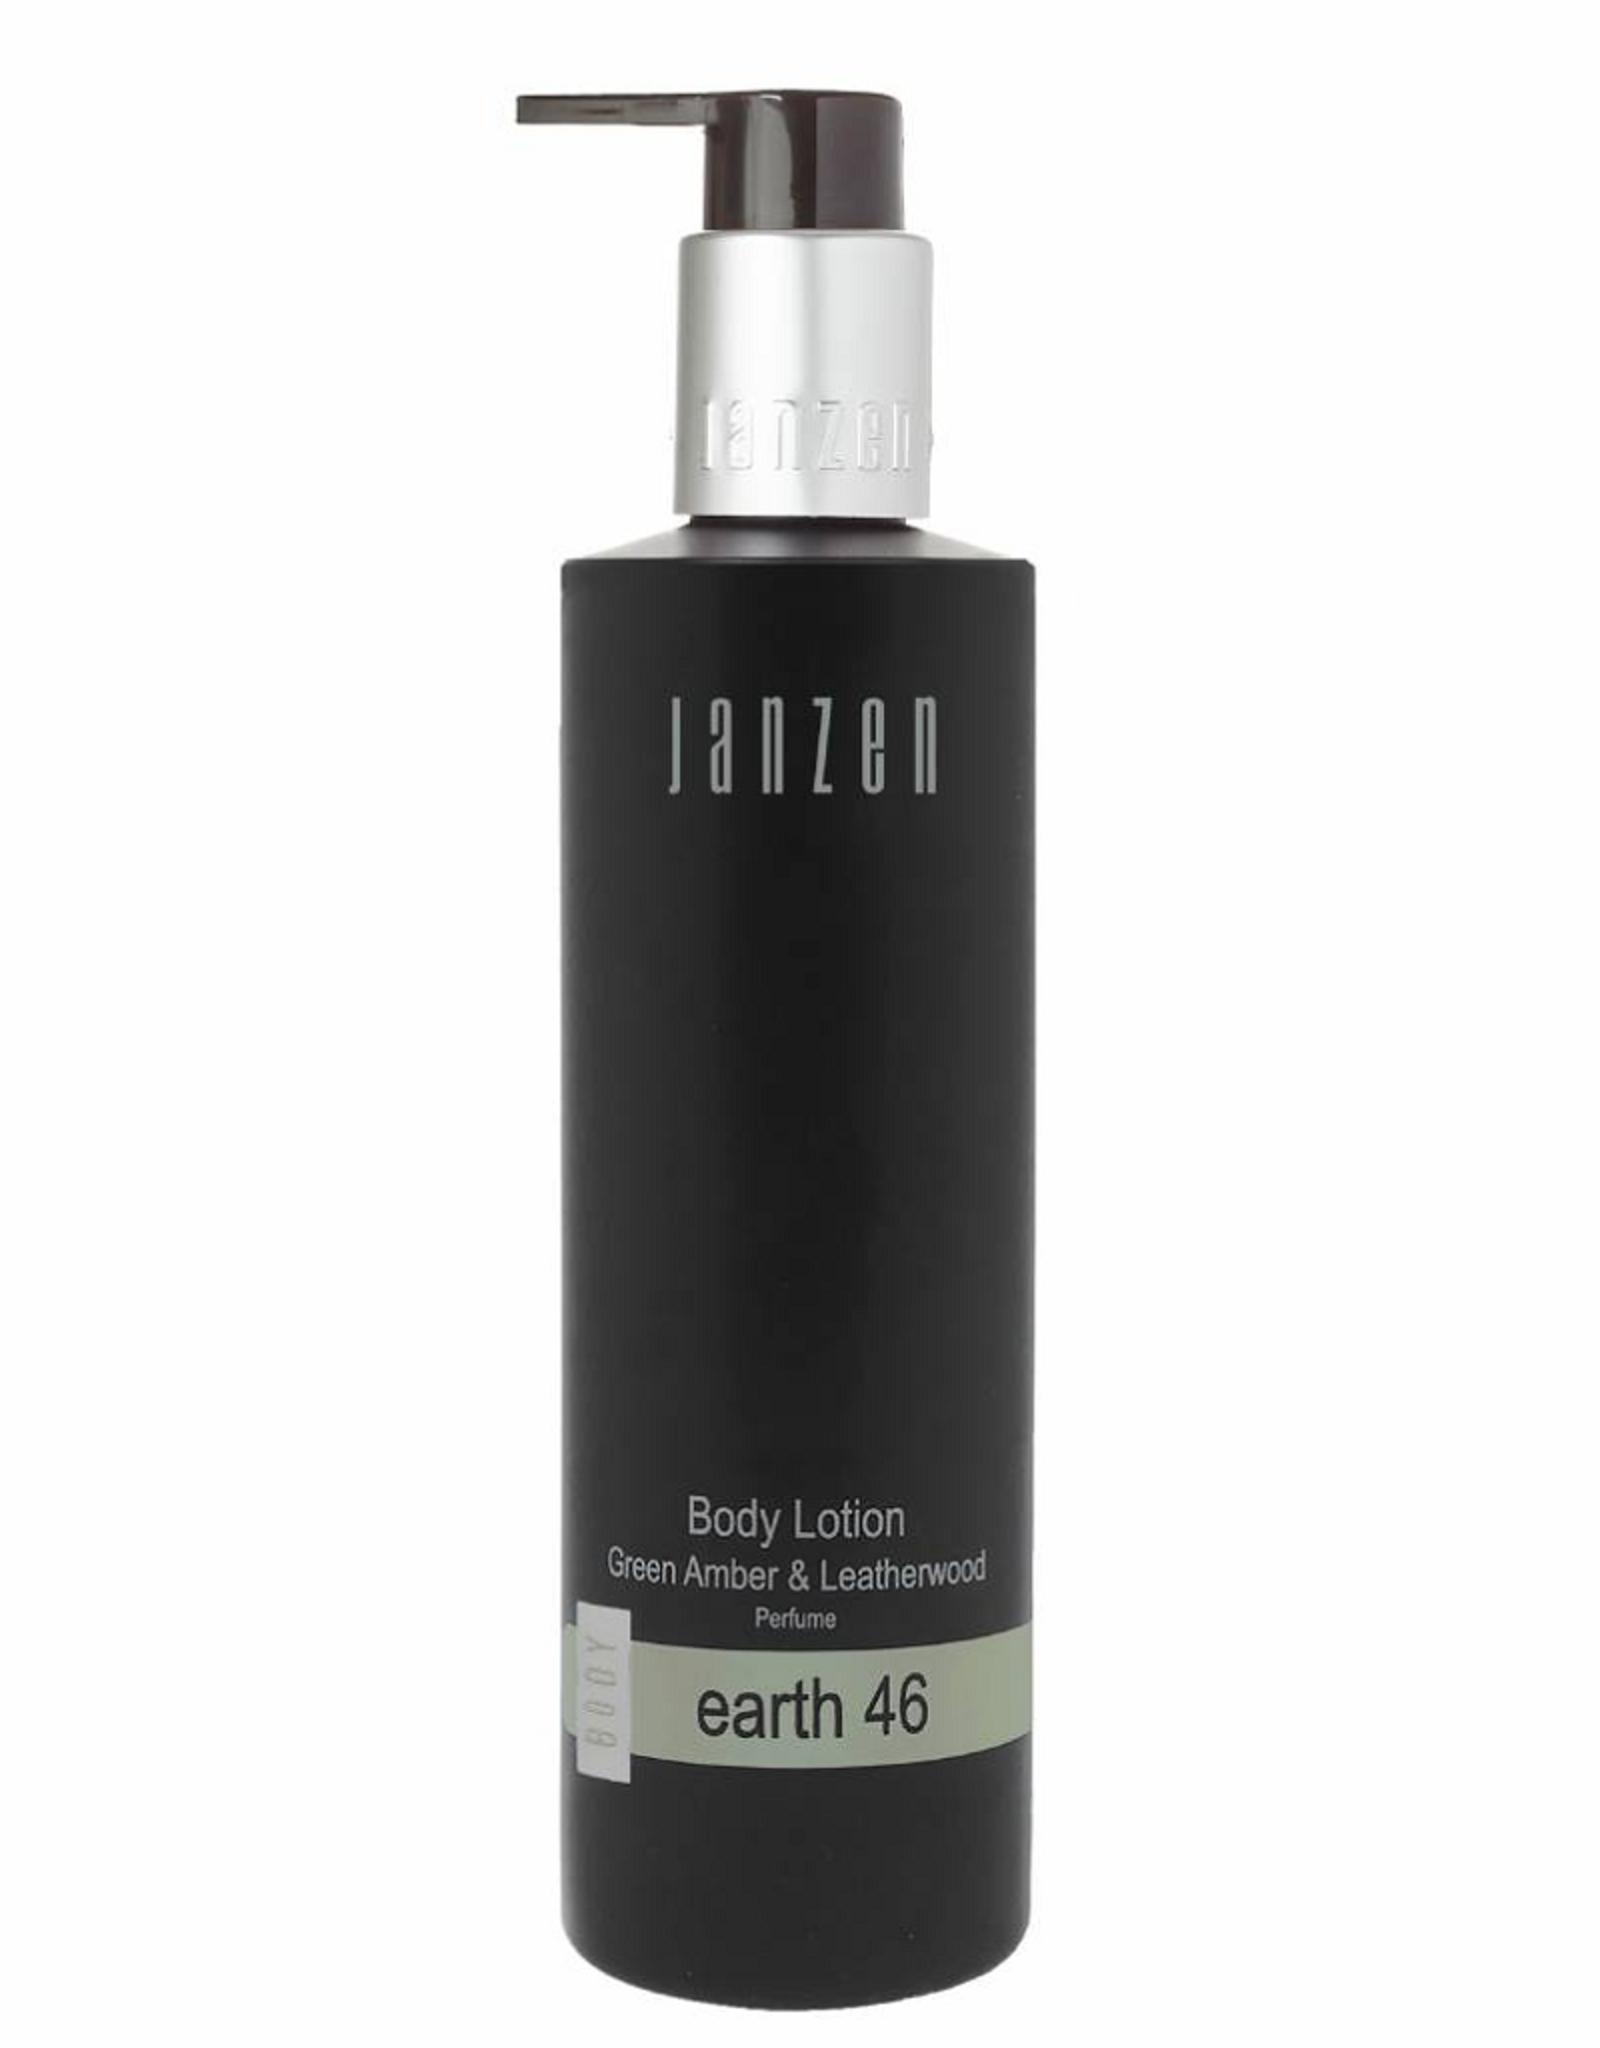 JANZEN Body Lotion Earth 46 - JANZEN